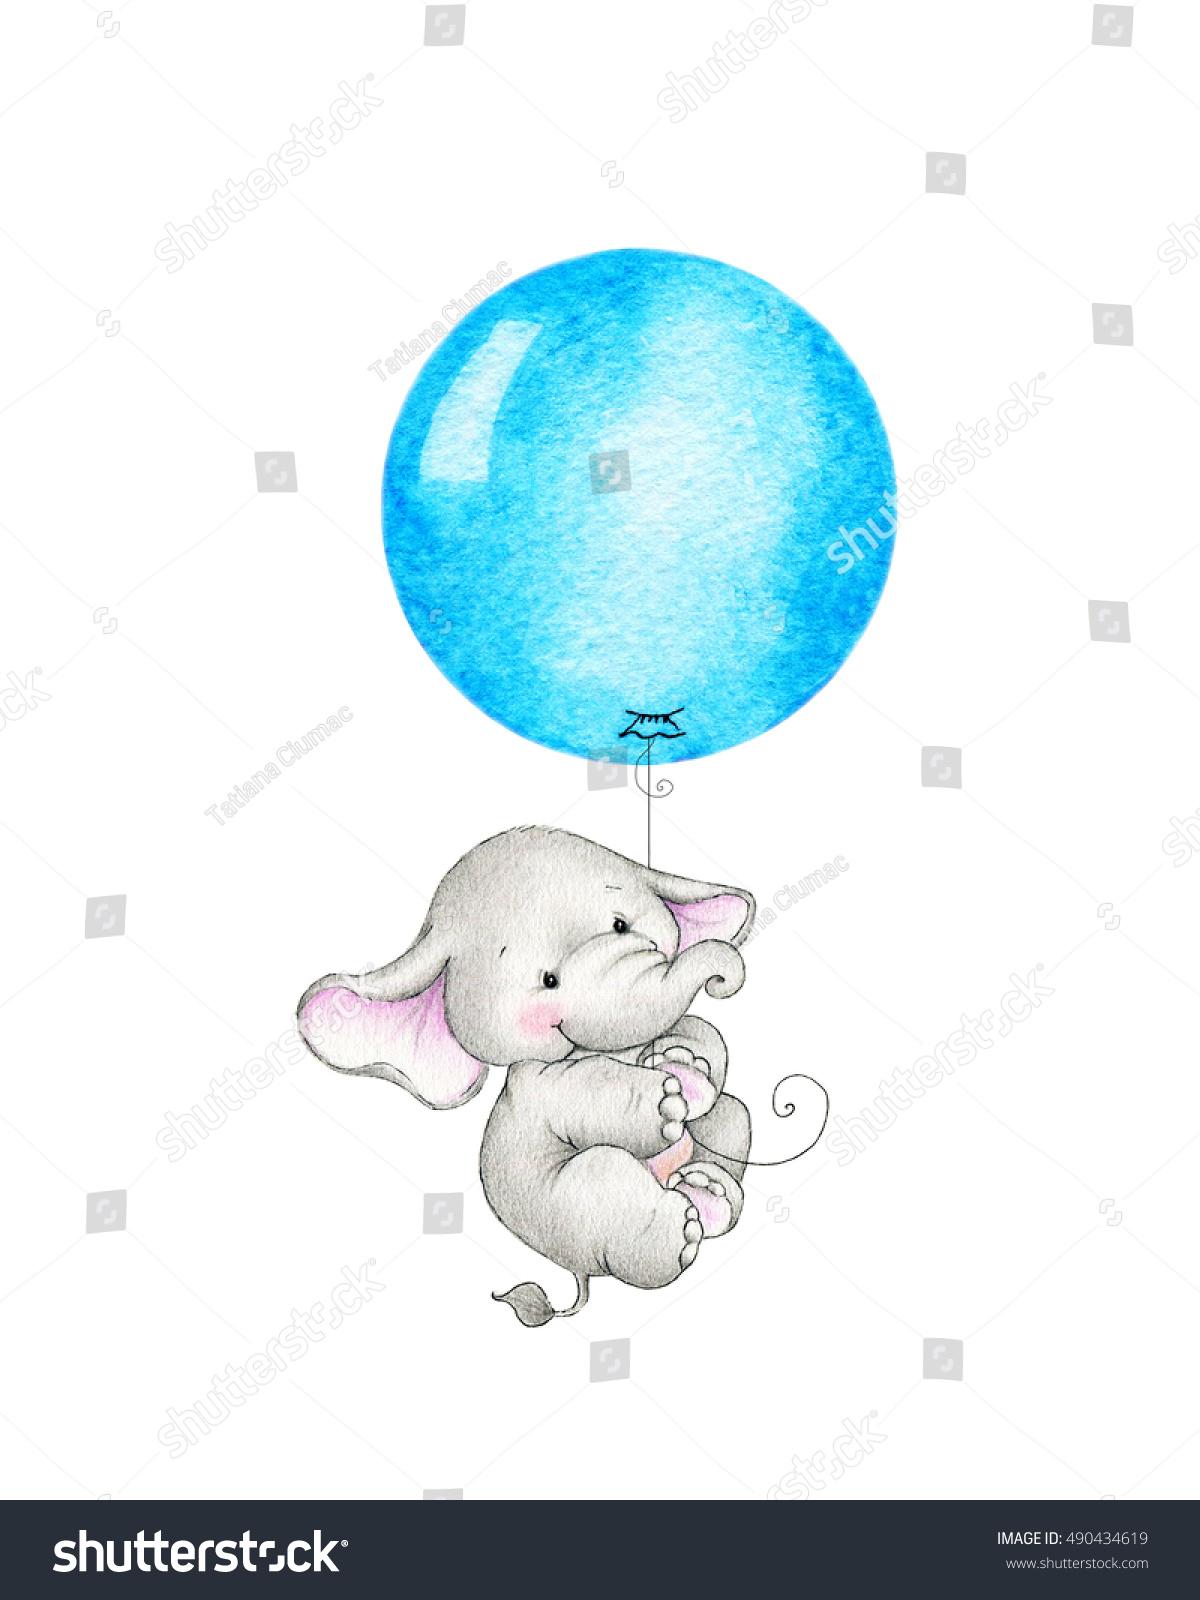 elefant mit luftballon zum ausmalen  malvorlagen